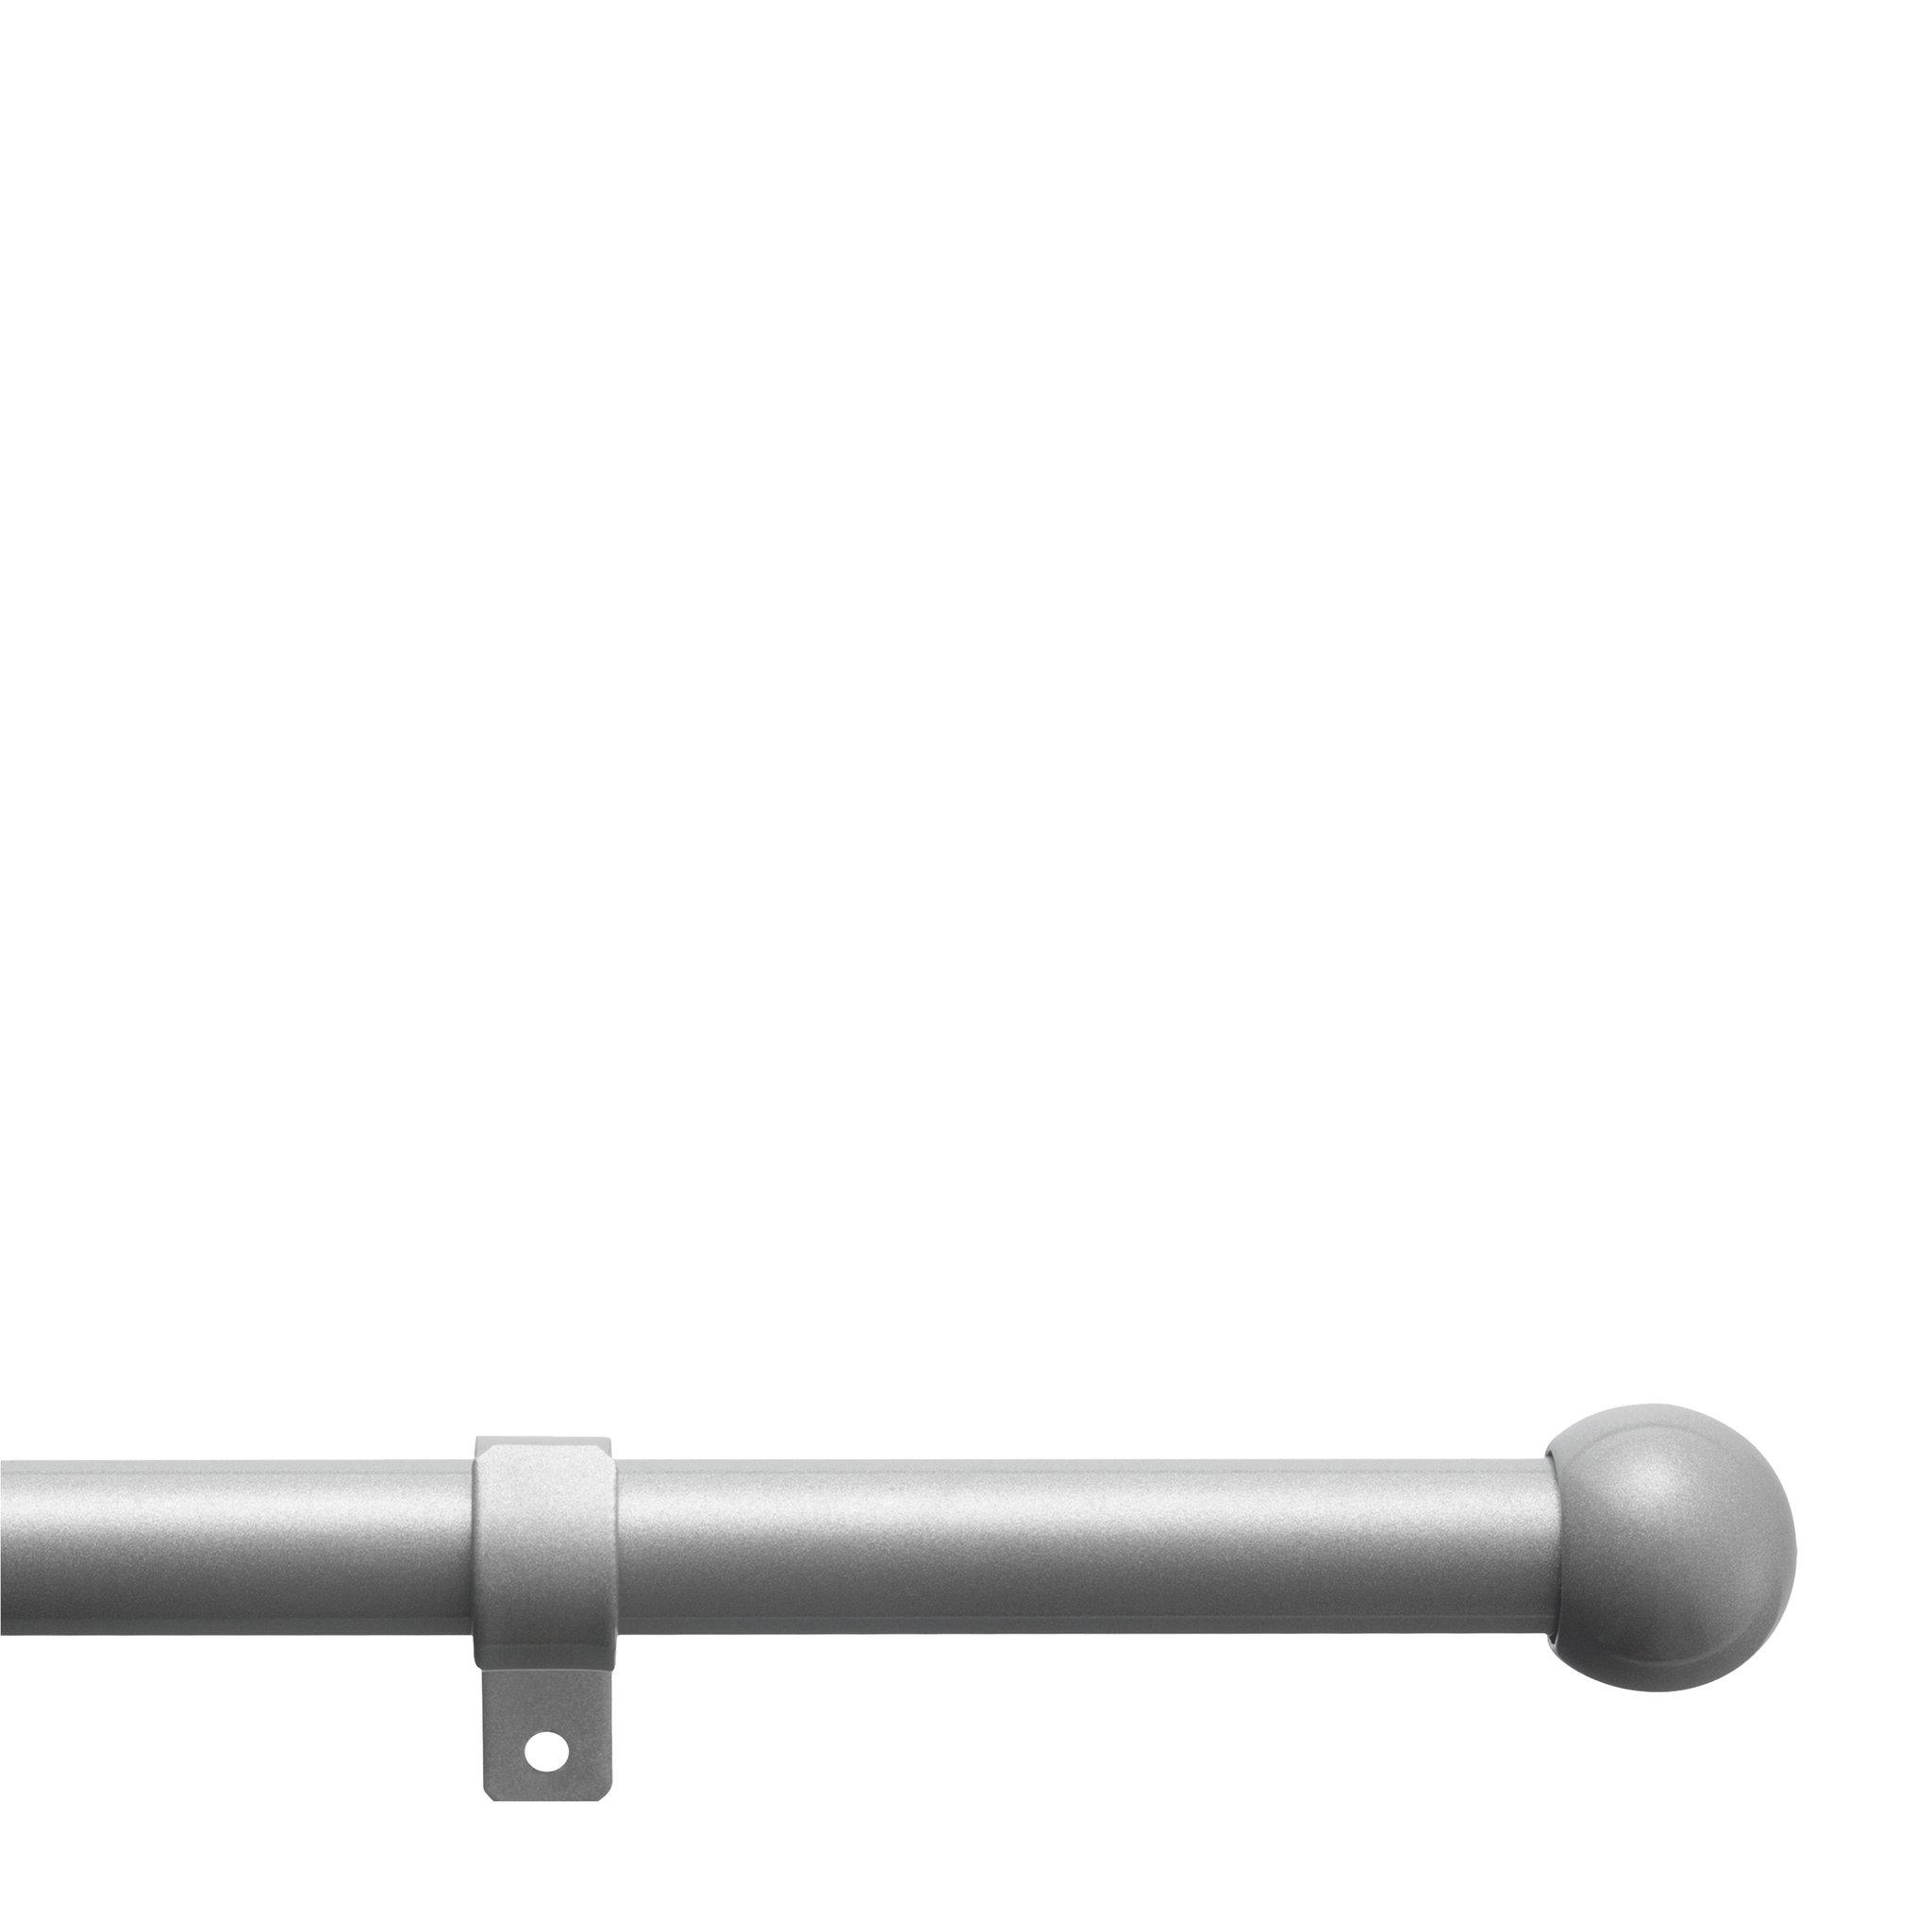 Gardinstångset Flex, 90-160 cm